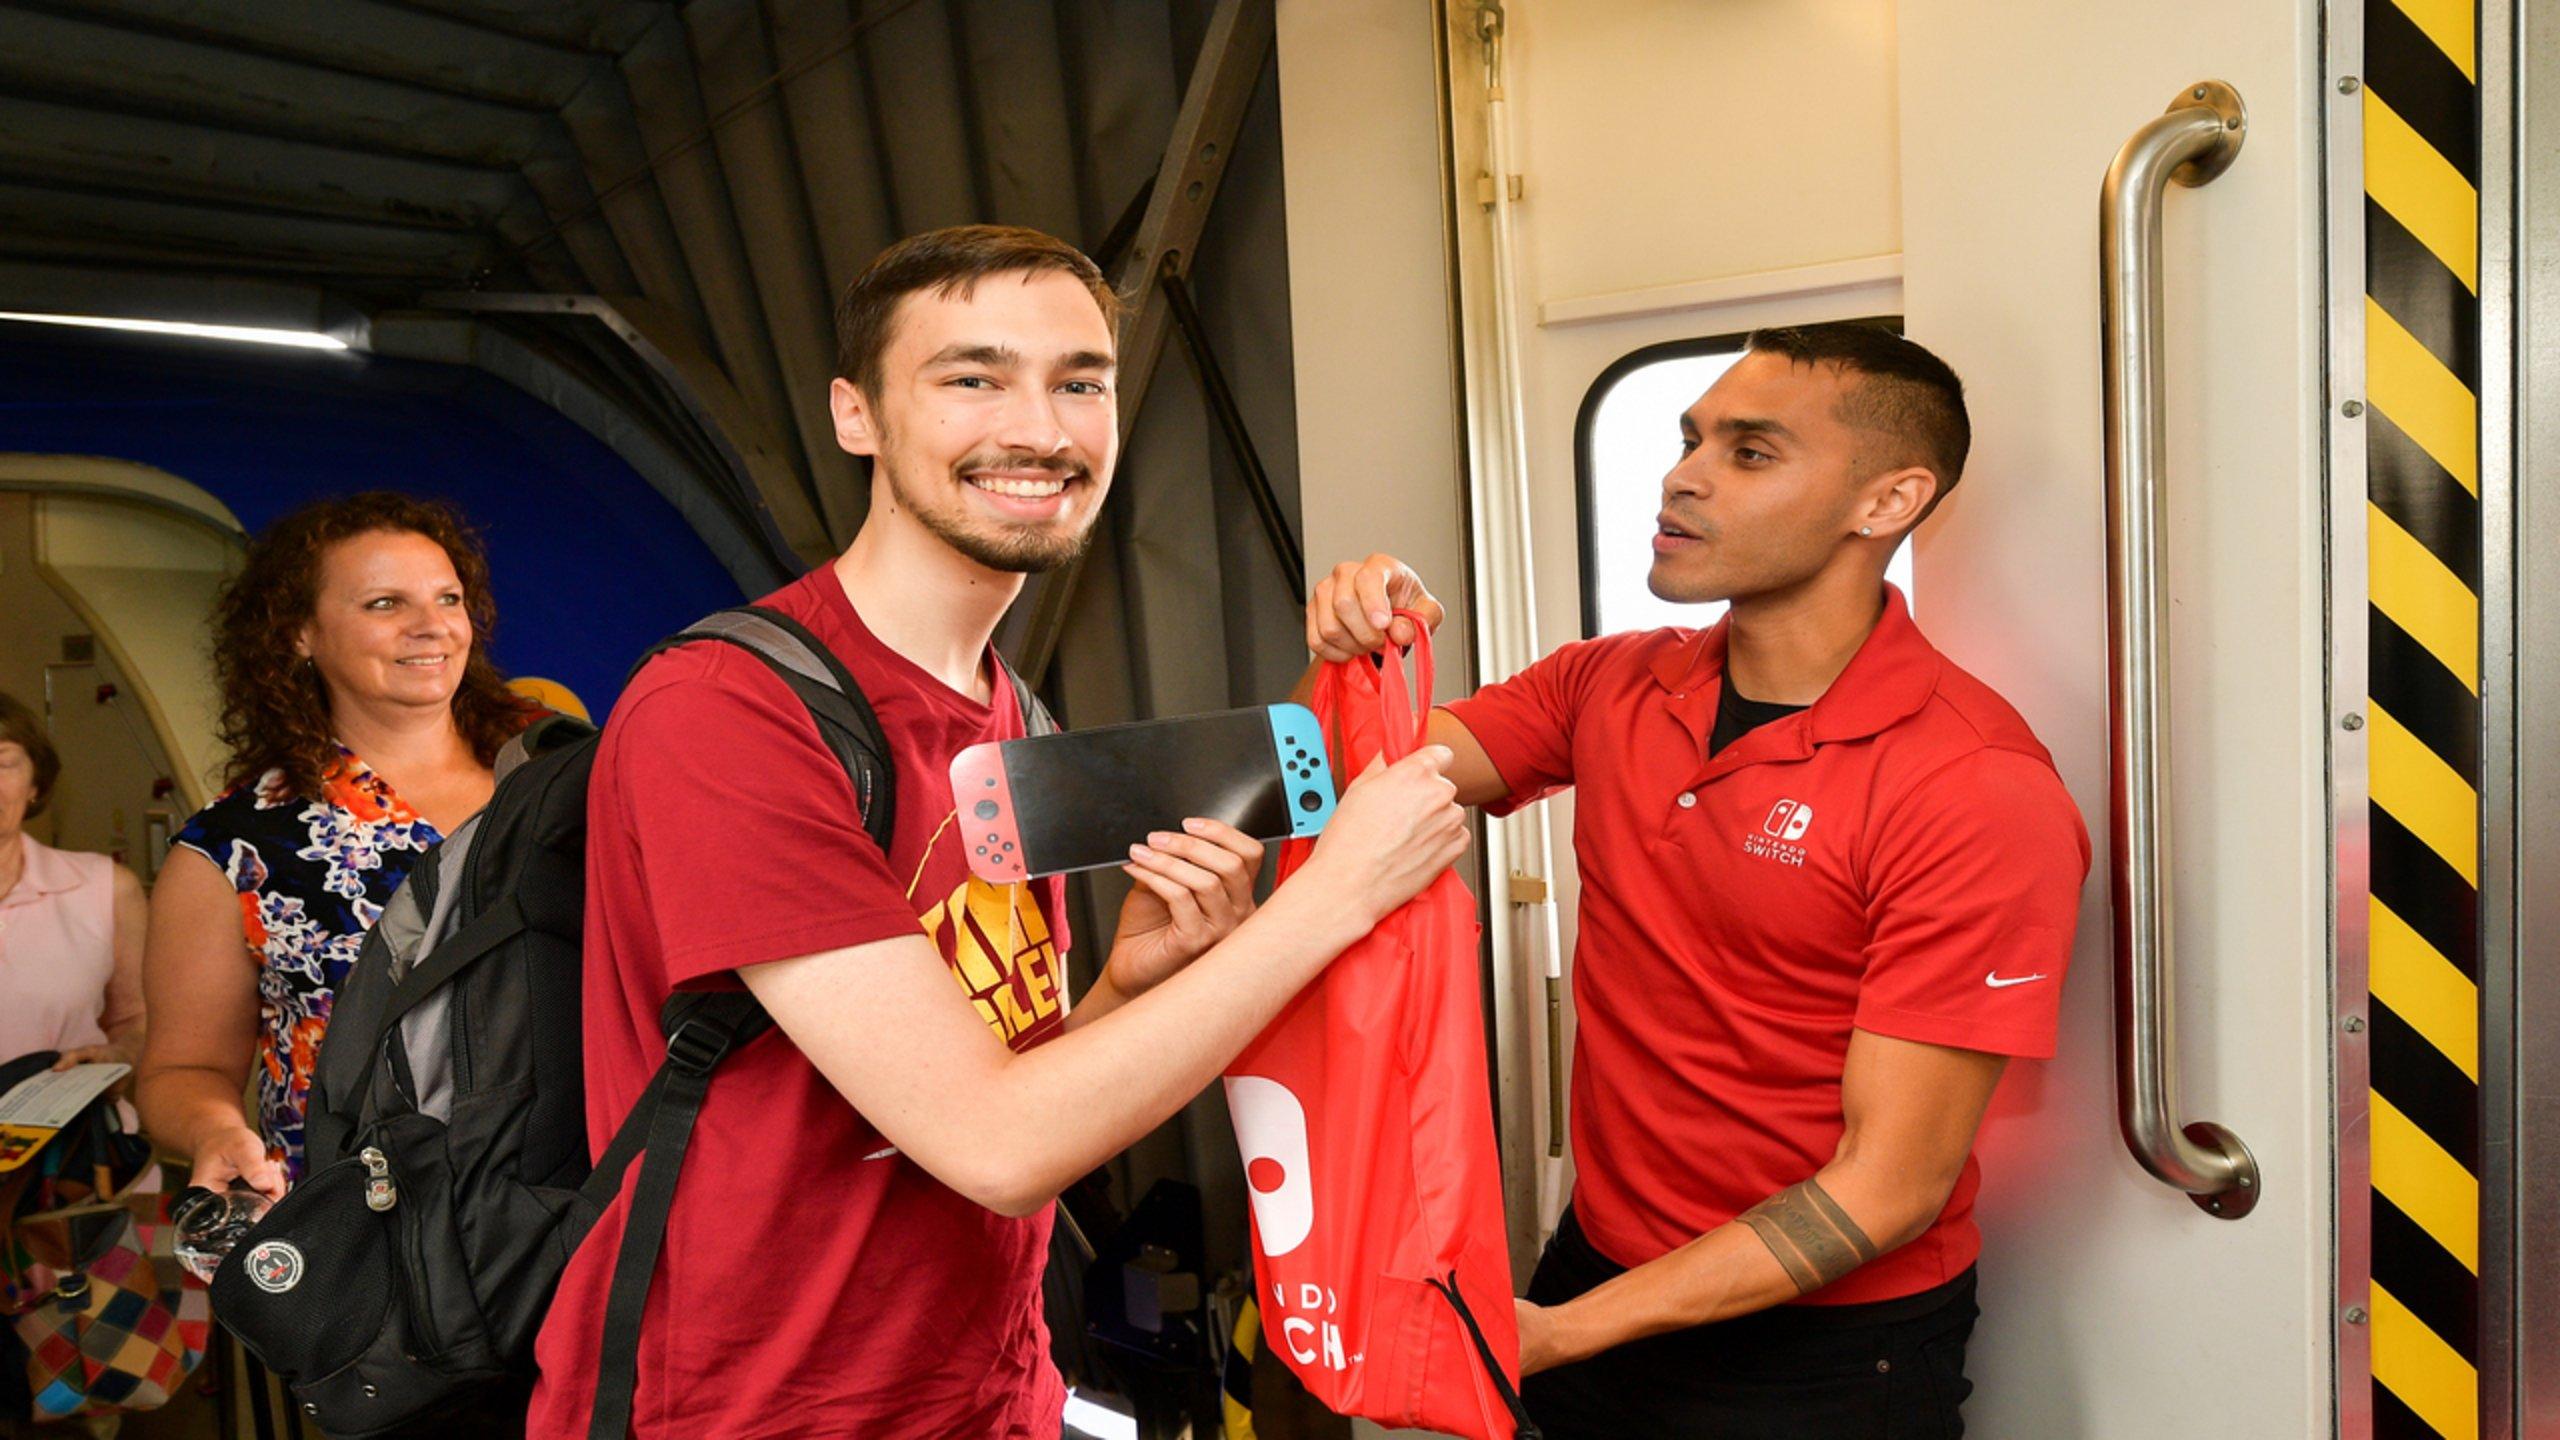 Un passager recevant un sac Nintendo avec la console de jeu - DR Photo Twitter